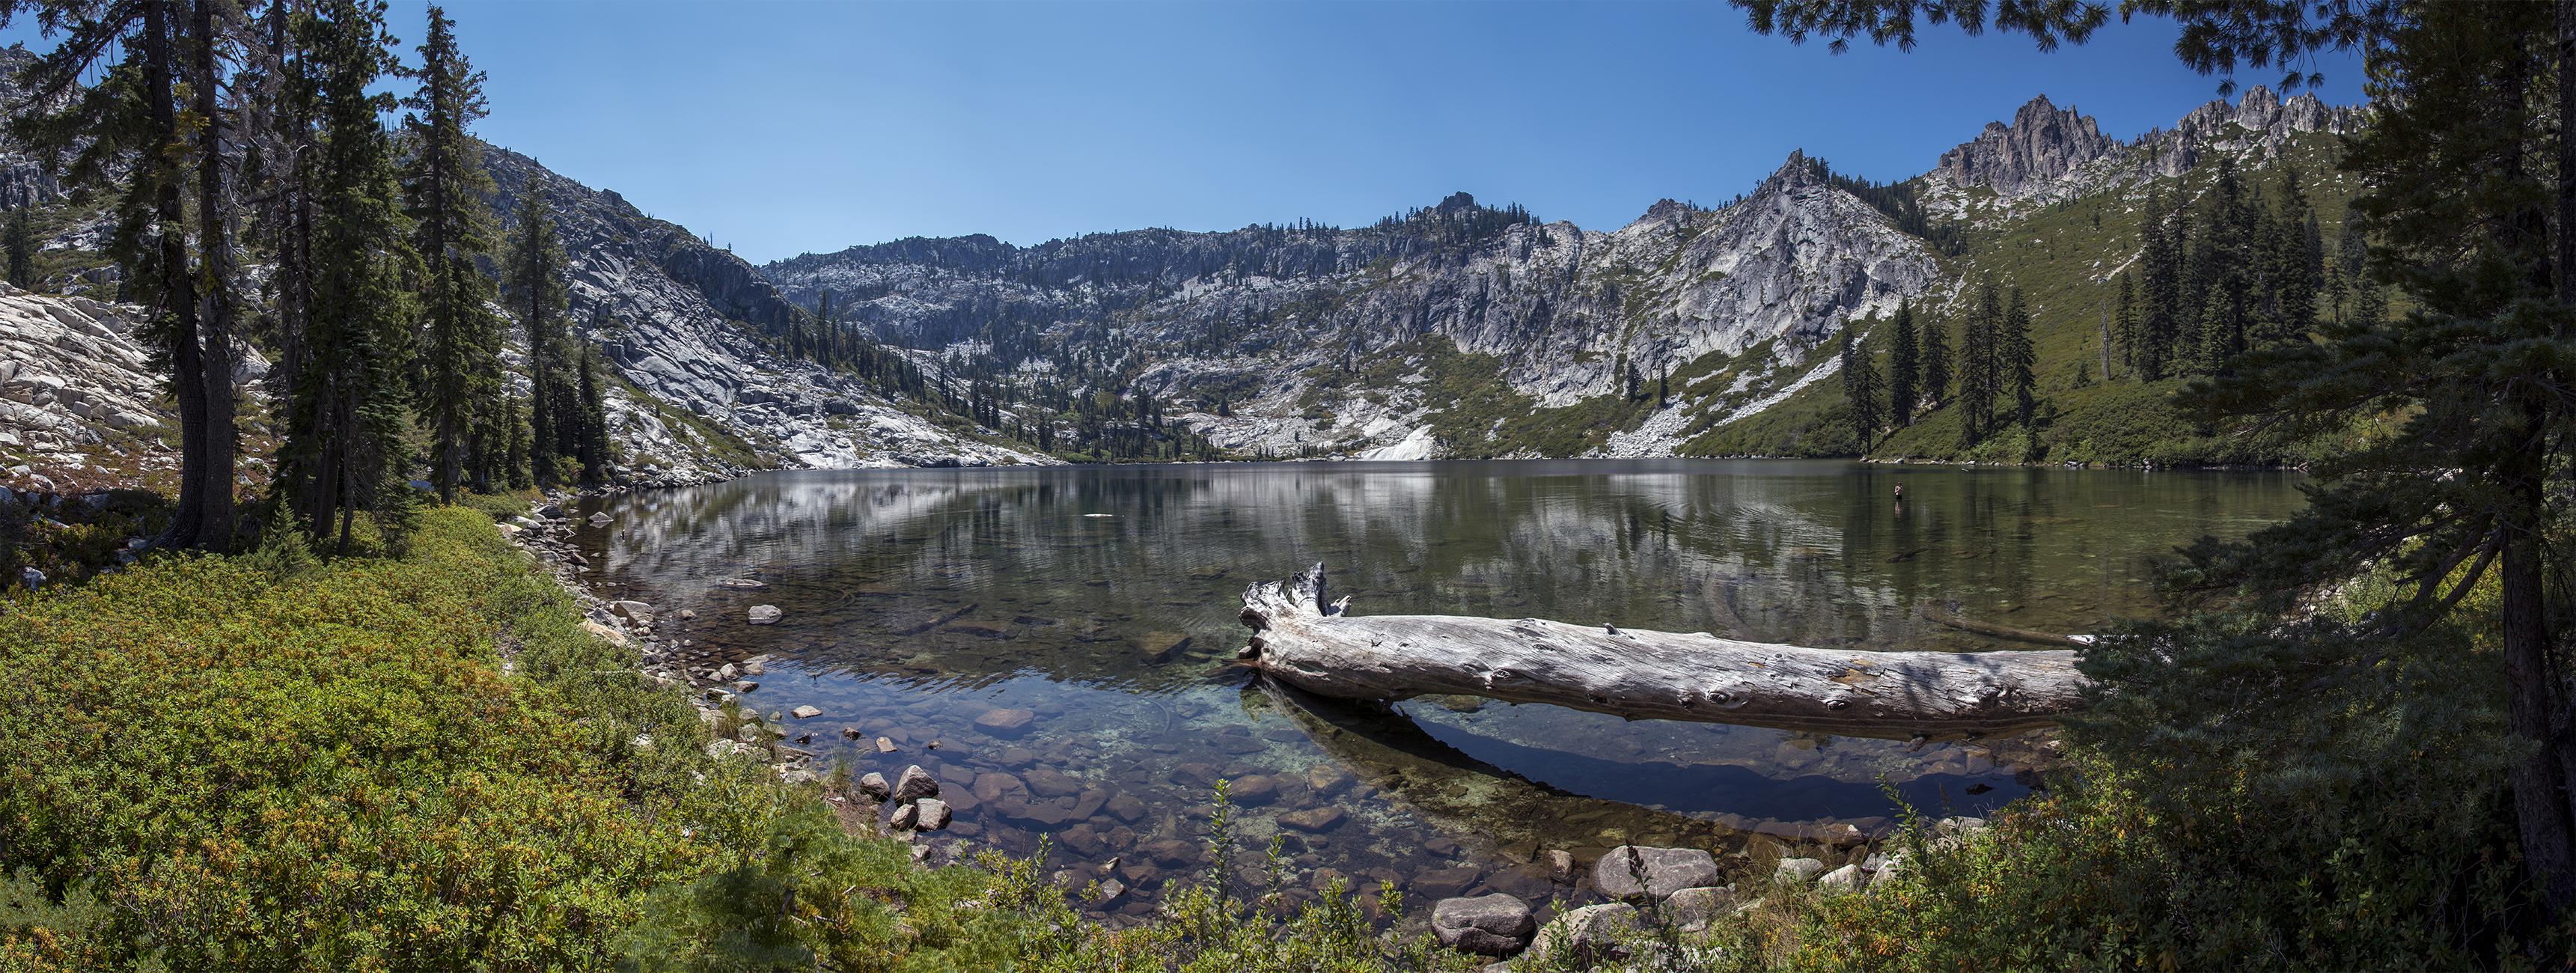 bear lake panorama photomerge